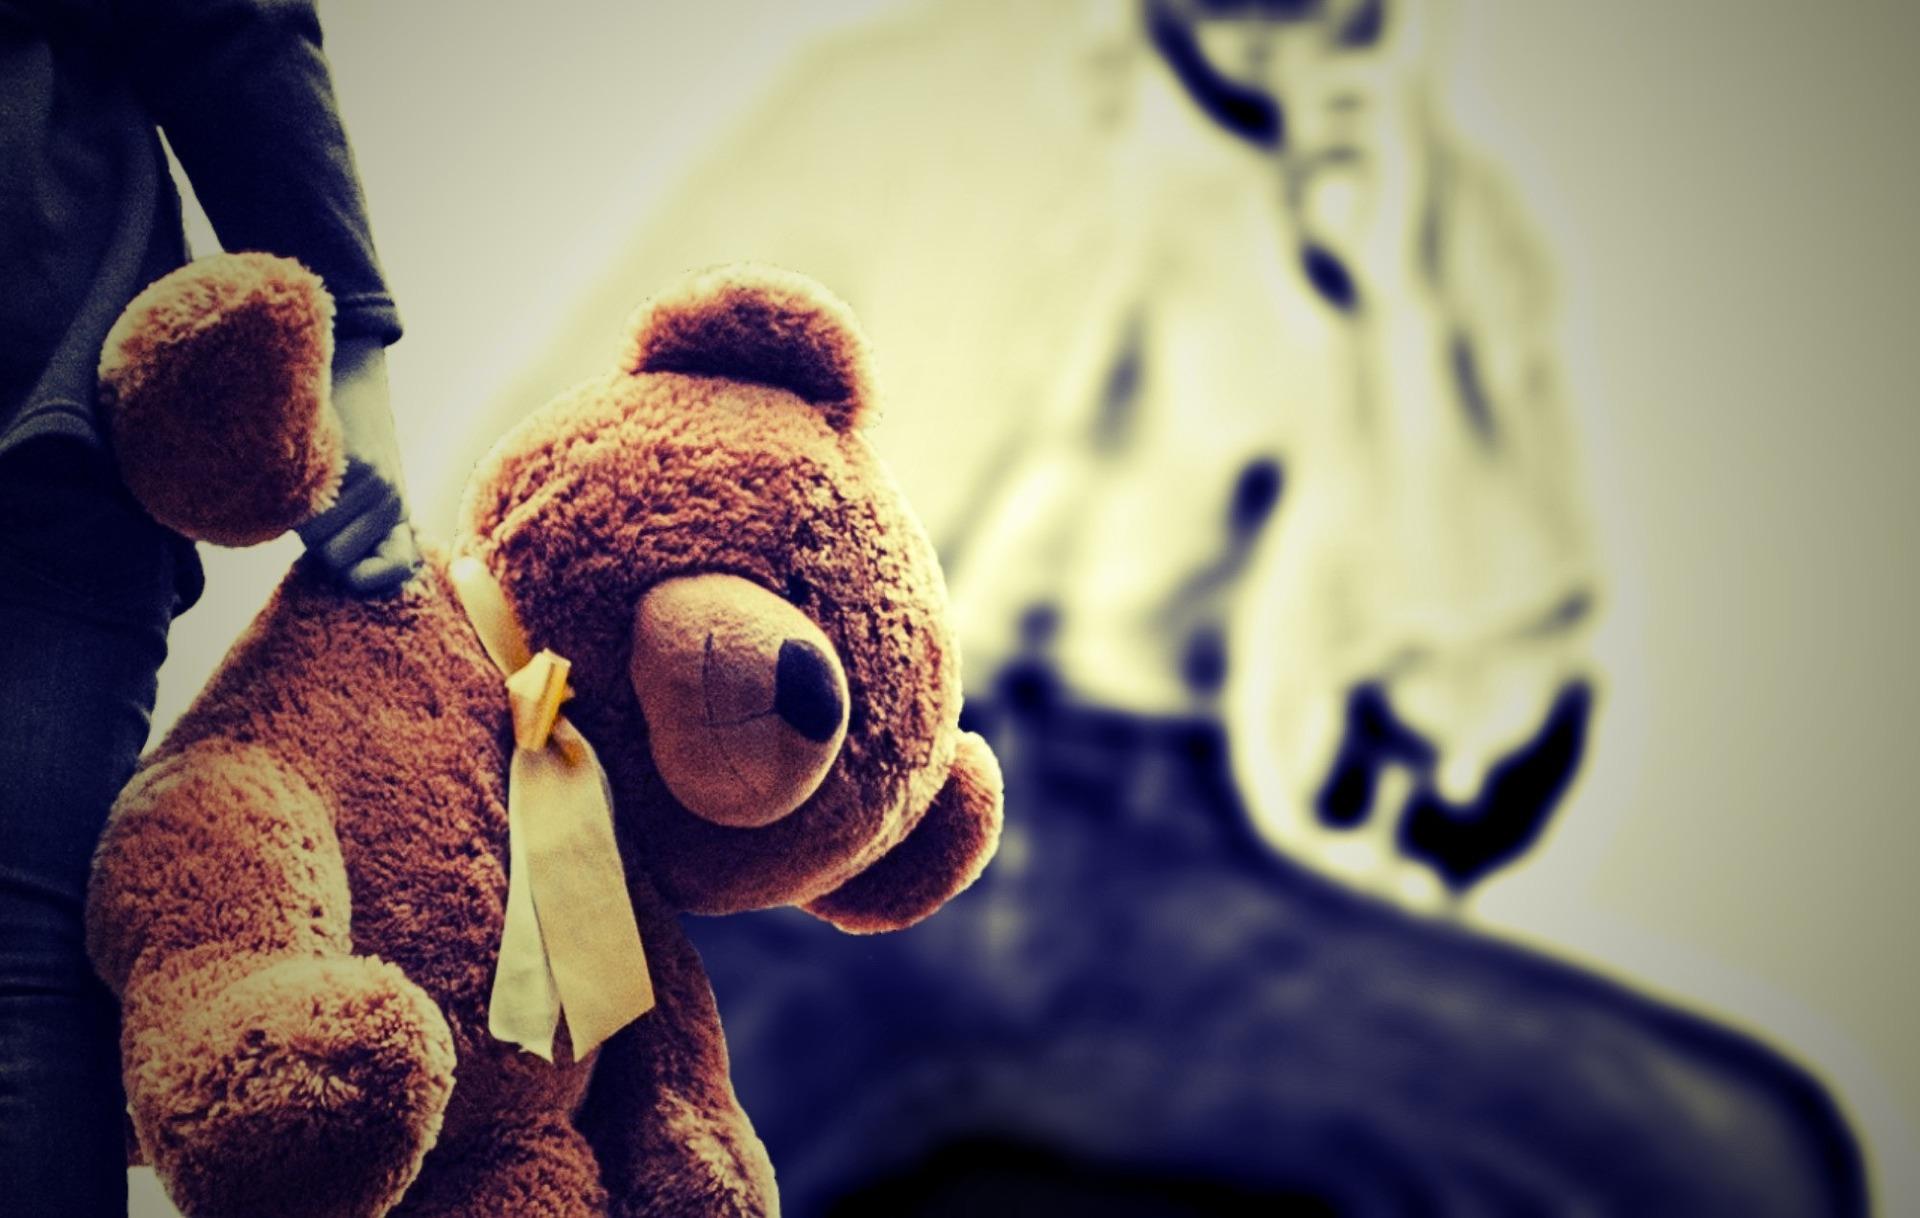 Führen die Belastungen der Pandemie zu mehr Gewalt an Kindern?